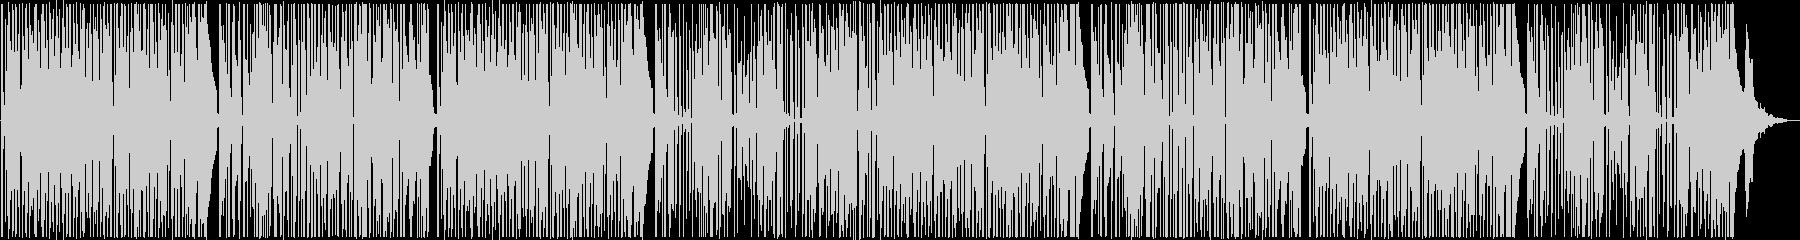 レゲエ調のヒップホップトラックの未再生の波形